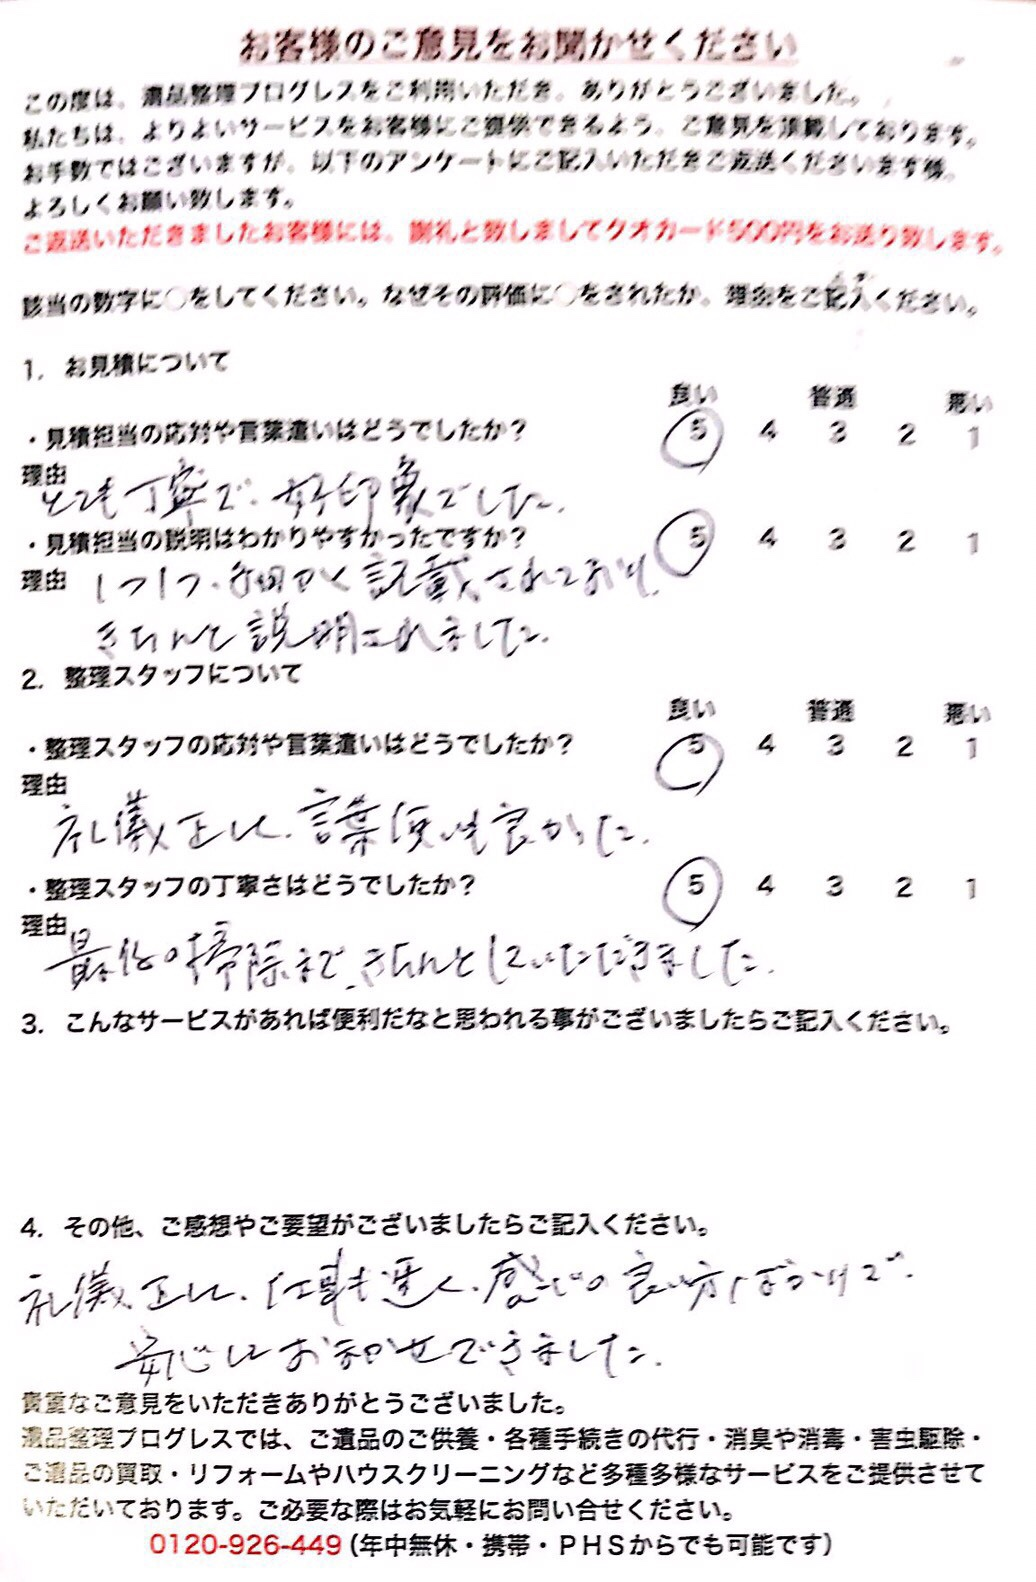 N・T様 福岡県福岡市西区のアンケート用紙